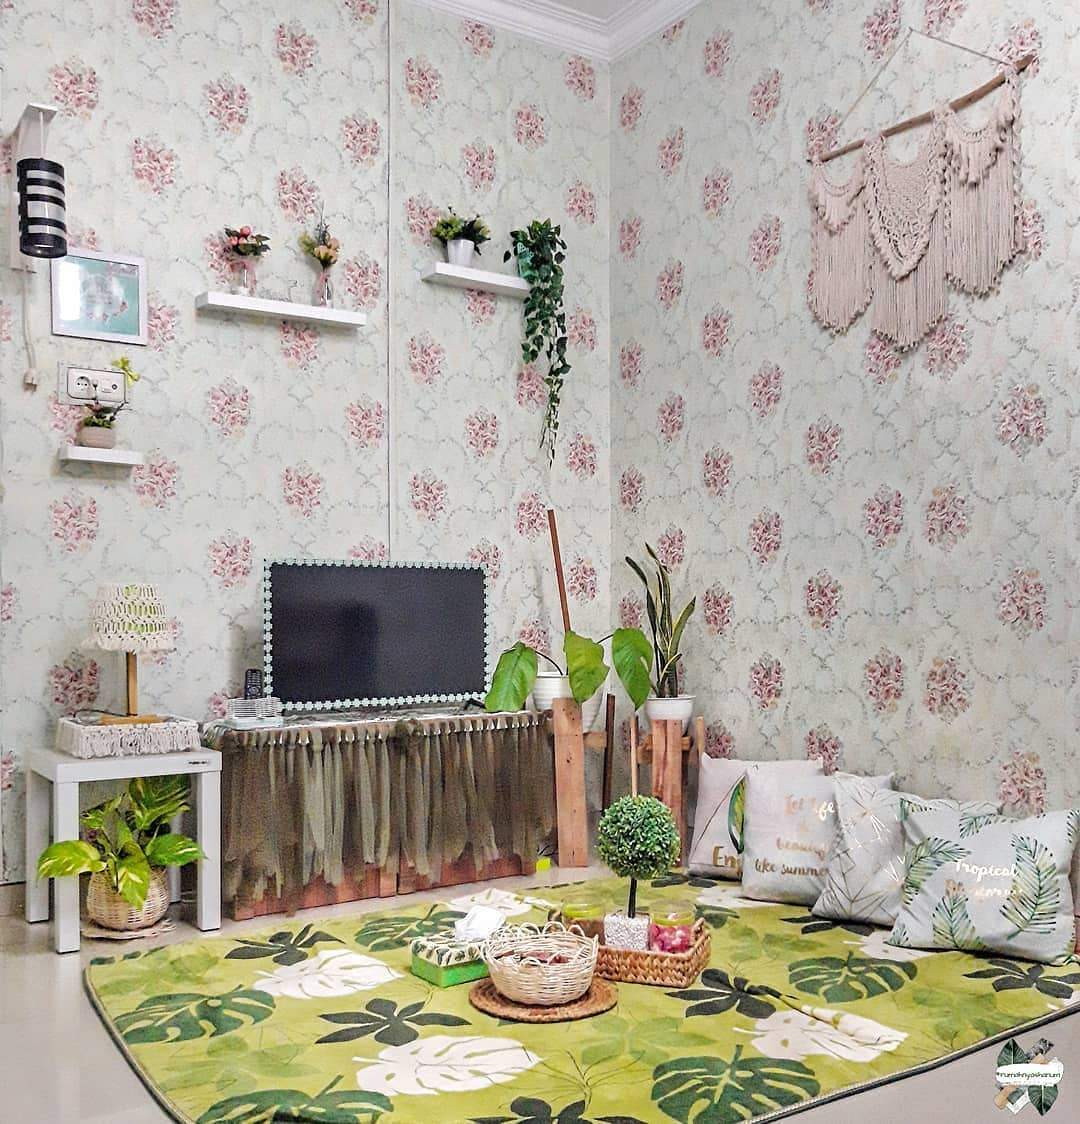 Desain Interior Rumah Minimalis_1